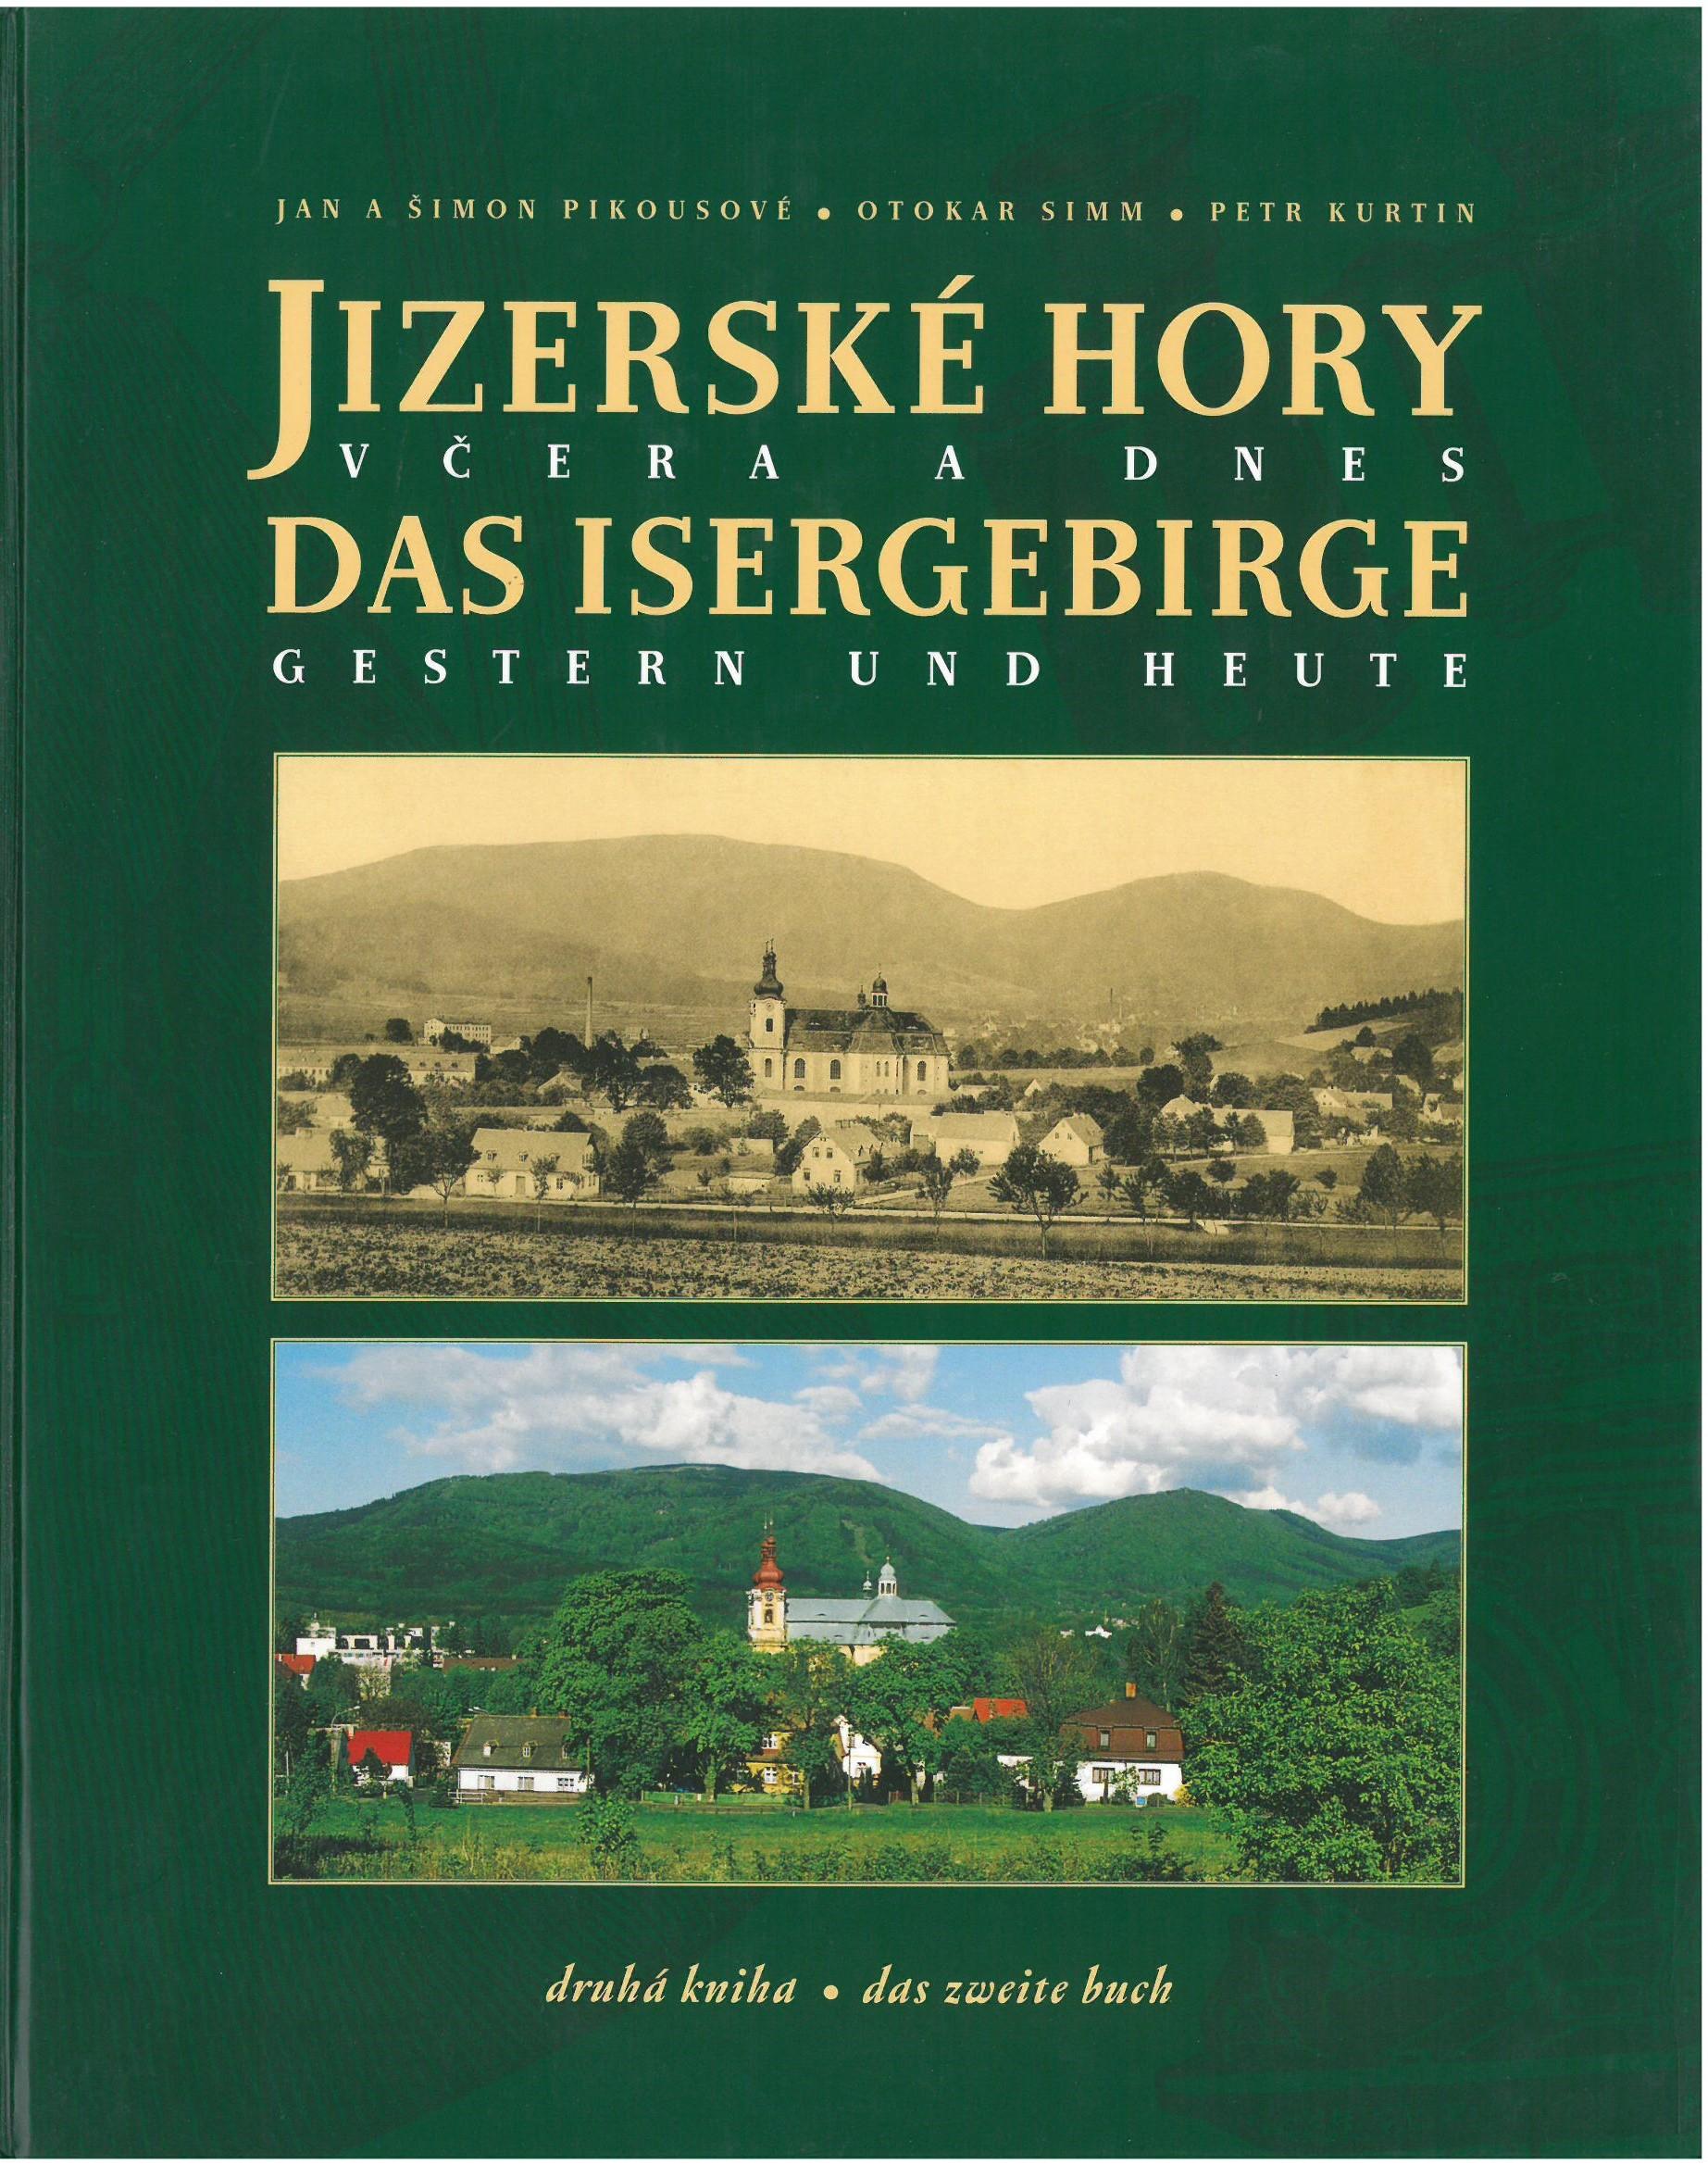 OBRÁZEK : jizerske_hory_vcera_2.jpg